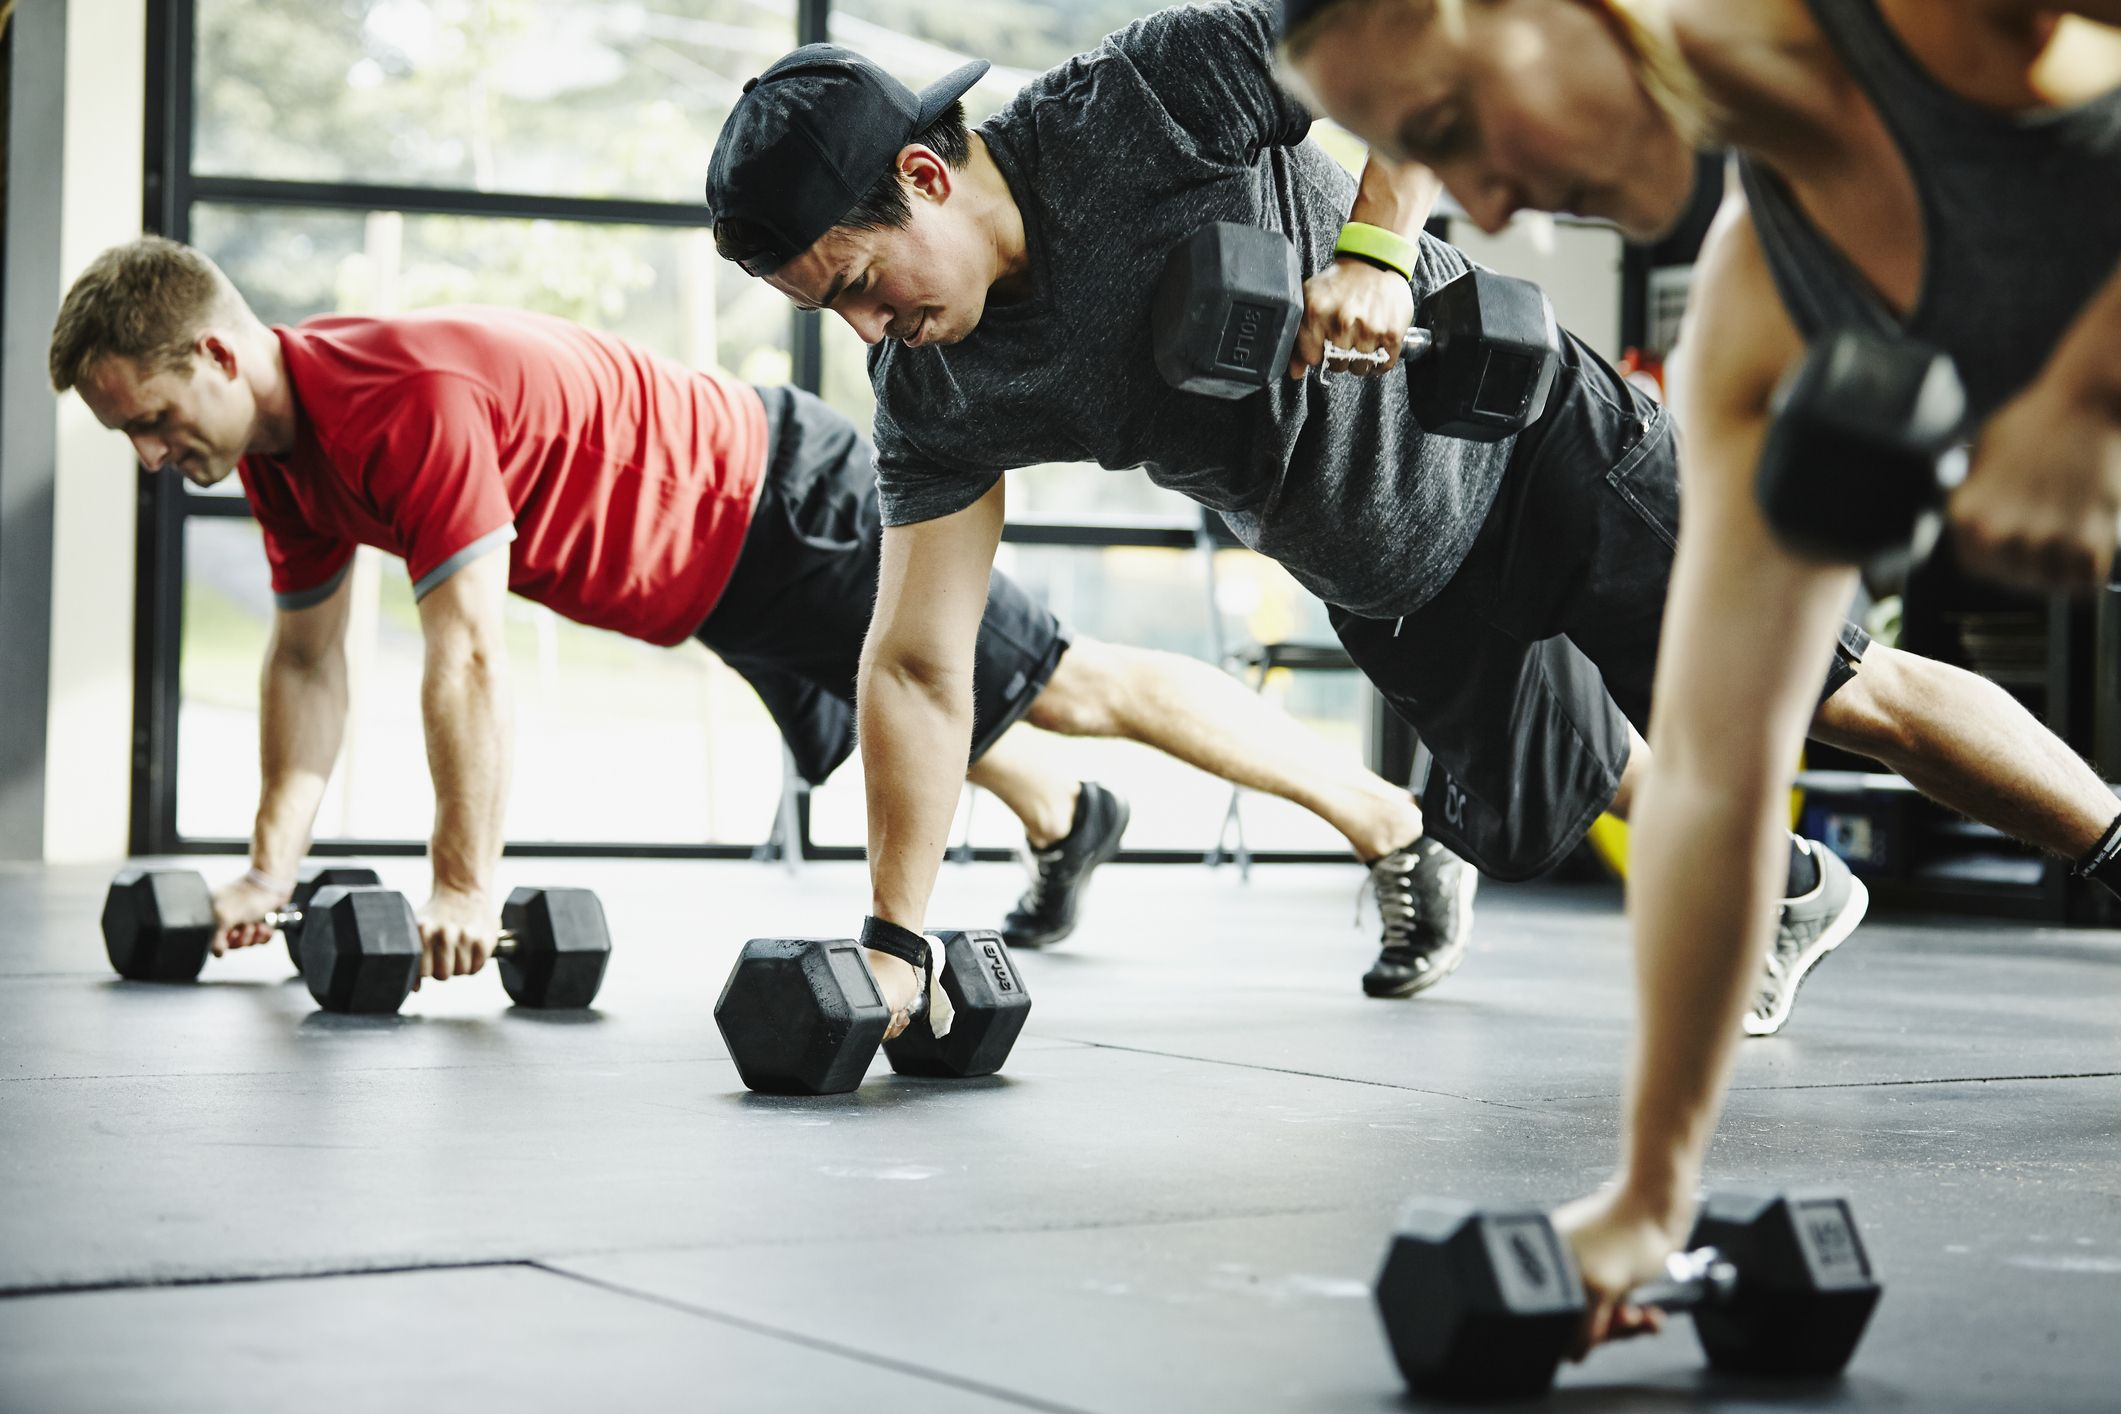 Pierdere în greutate maximă 9 săptămâni